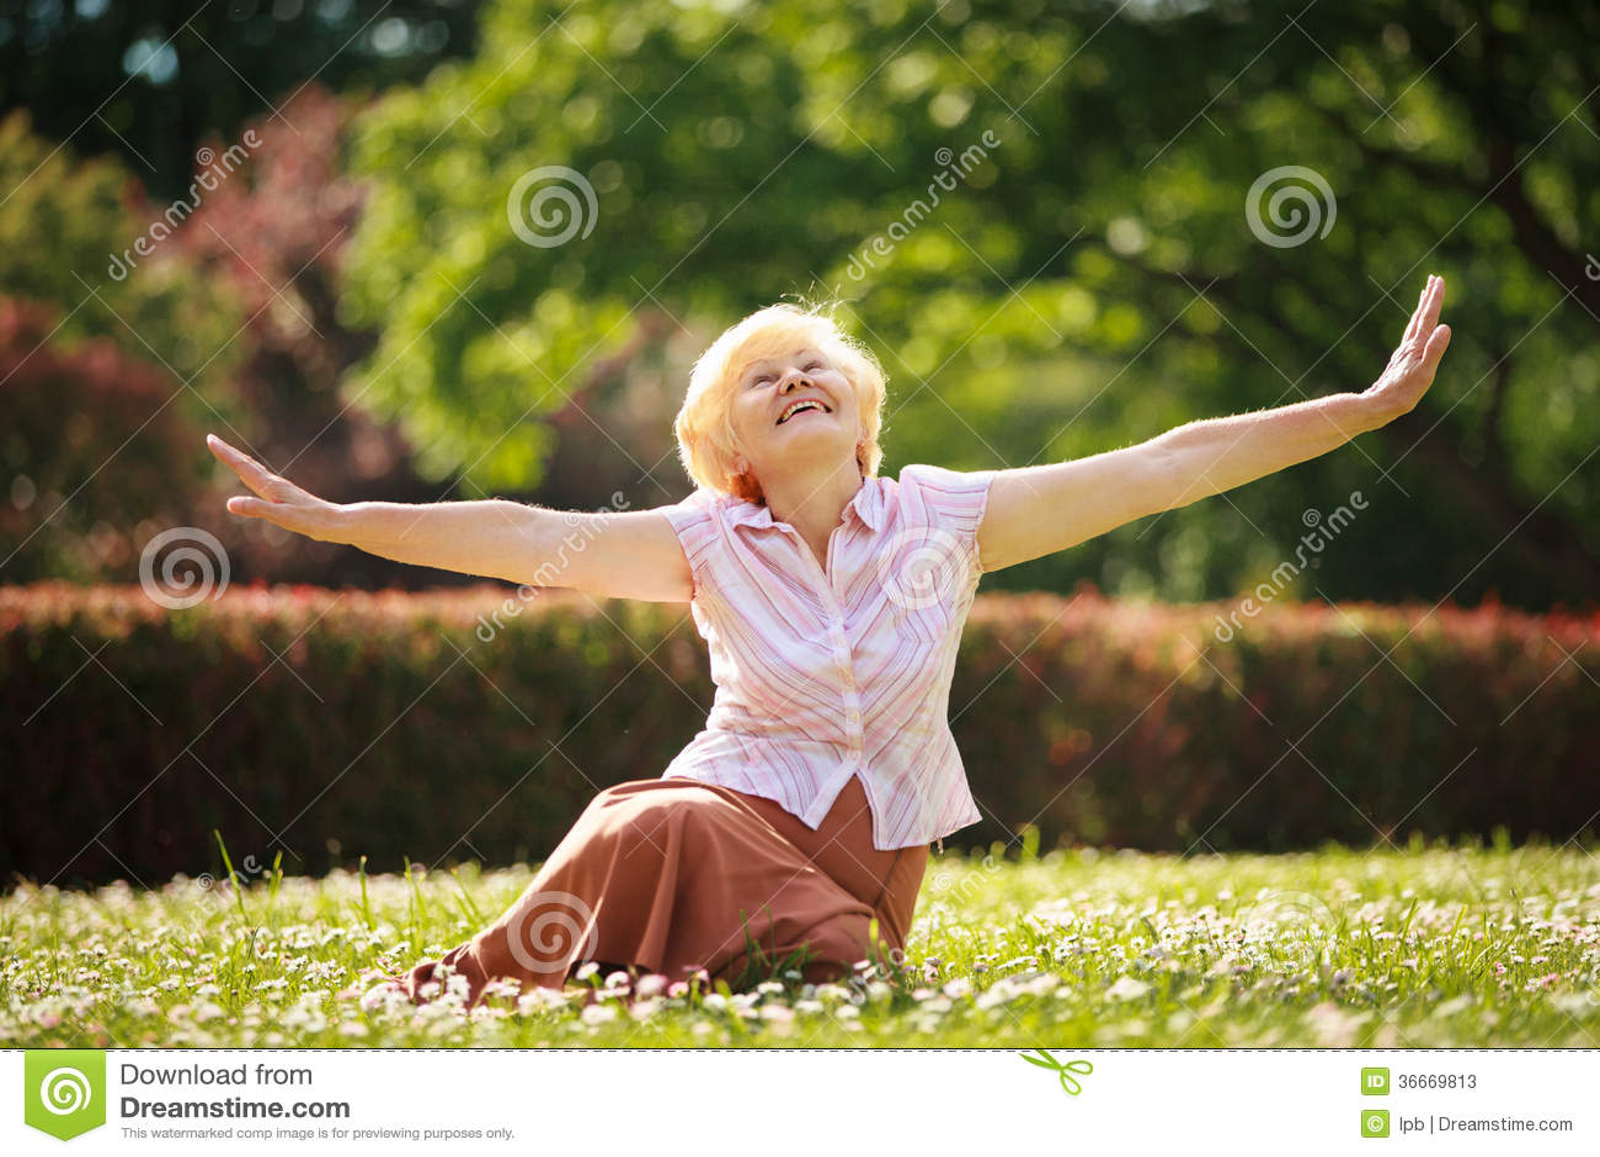 Alegria. Meditação. Mulher satisfeito madura que relaxa com braços extendidos